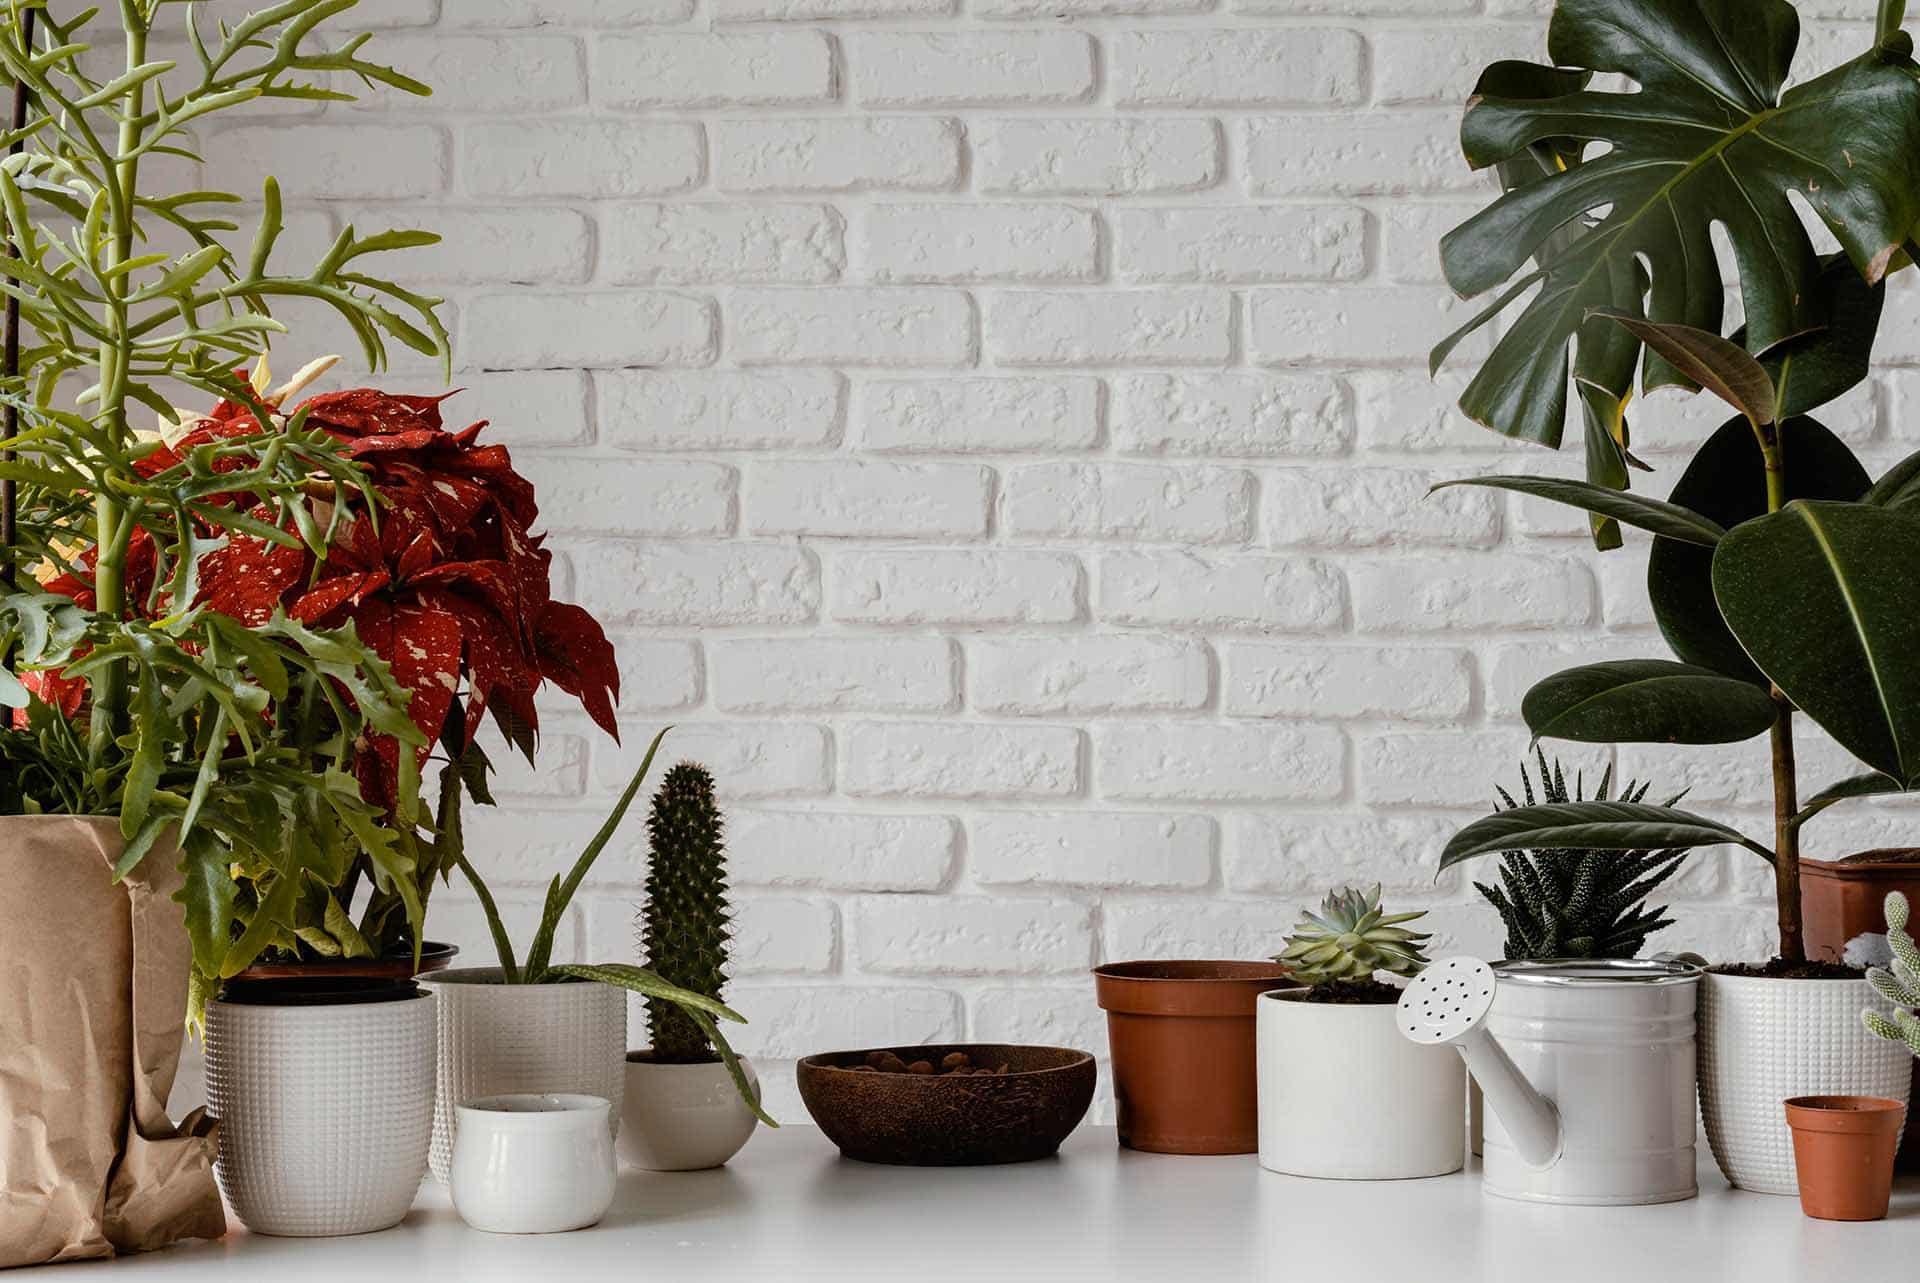 Evinizi Neden Bitkiler Ve Çiçeklerle Doldurmalısınız?